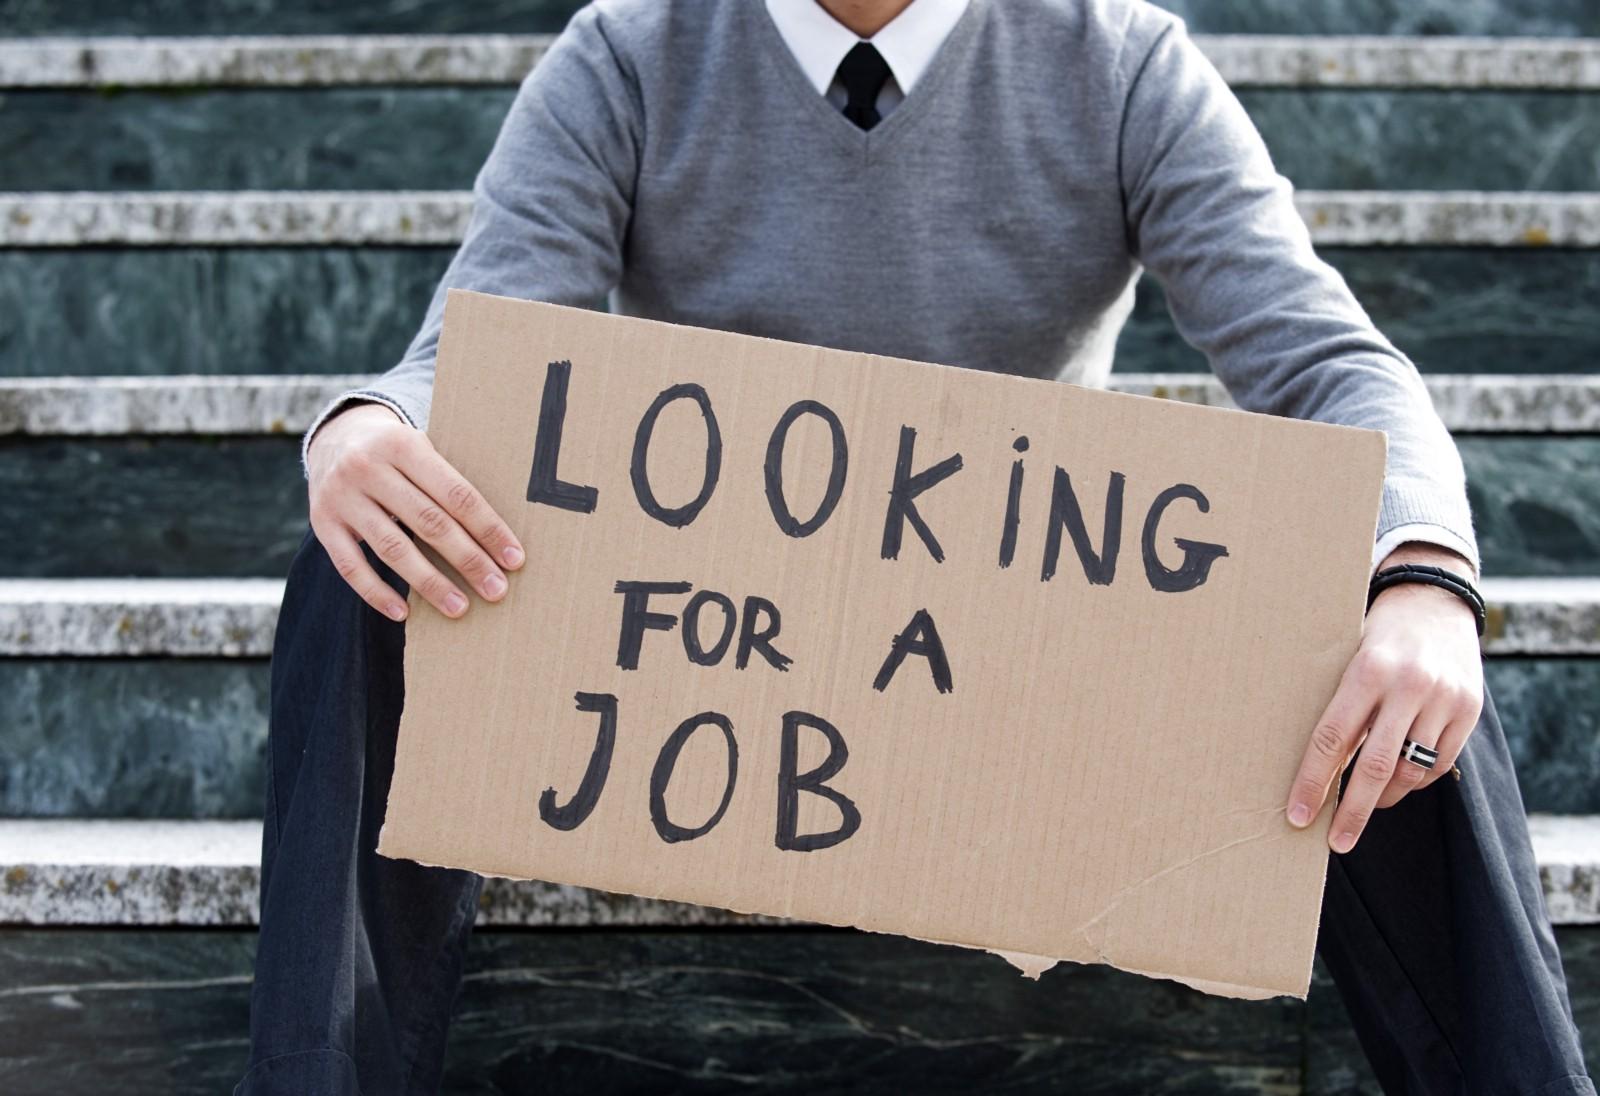 چگونگی تقاضای استخدام در شغلی بالاتر از مهارتهای خود